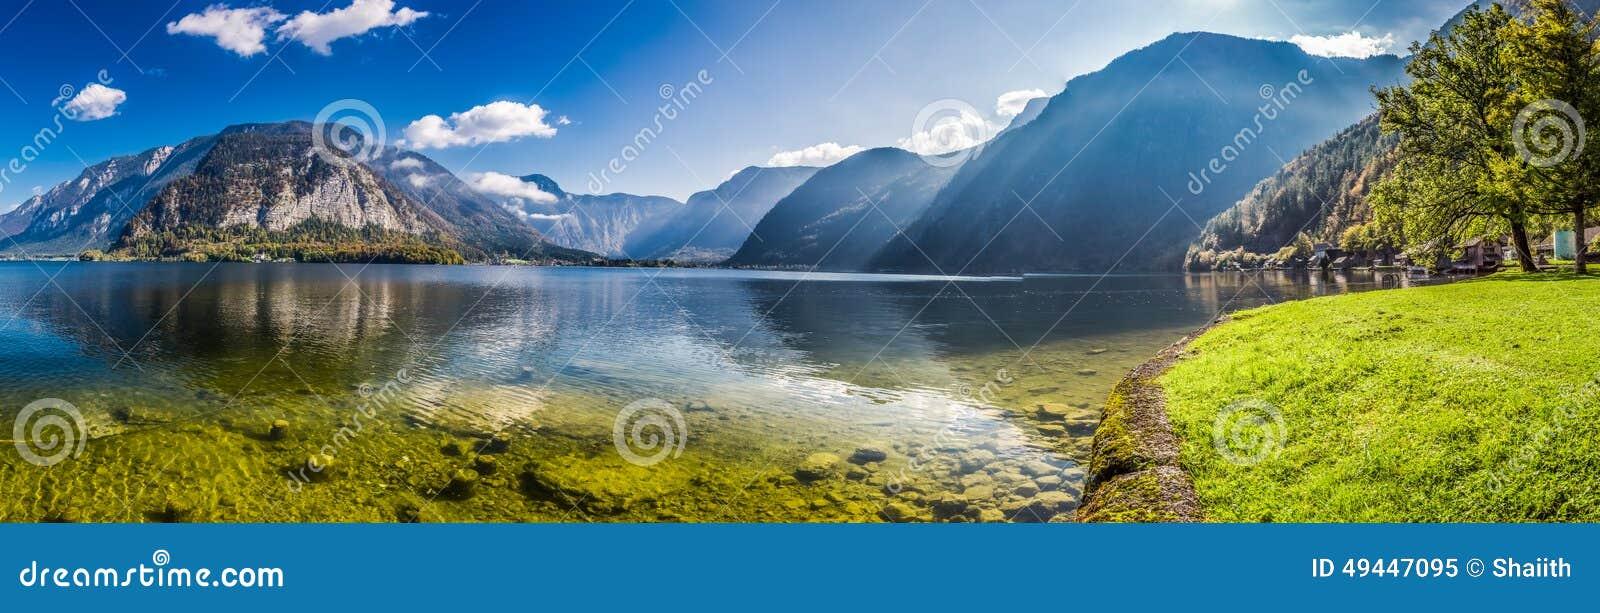 Groot panorama van glashelder bergmeer in Alpen